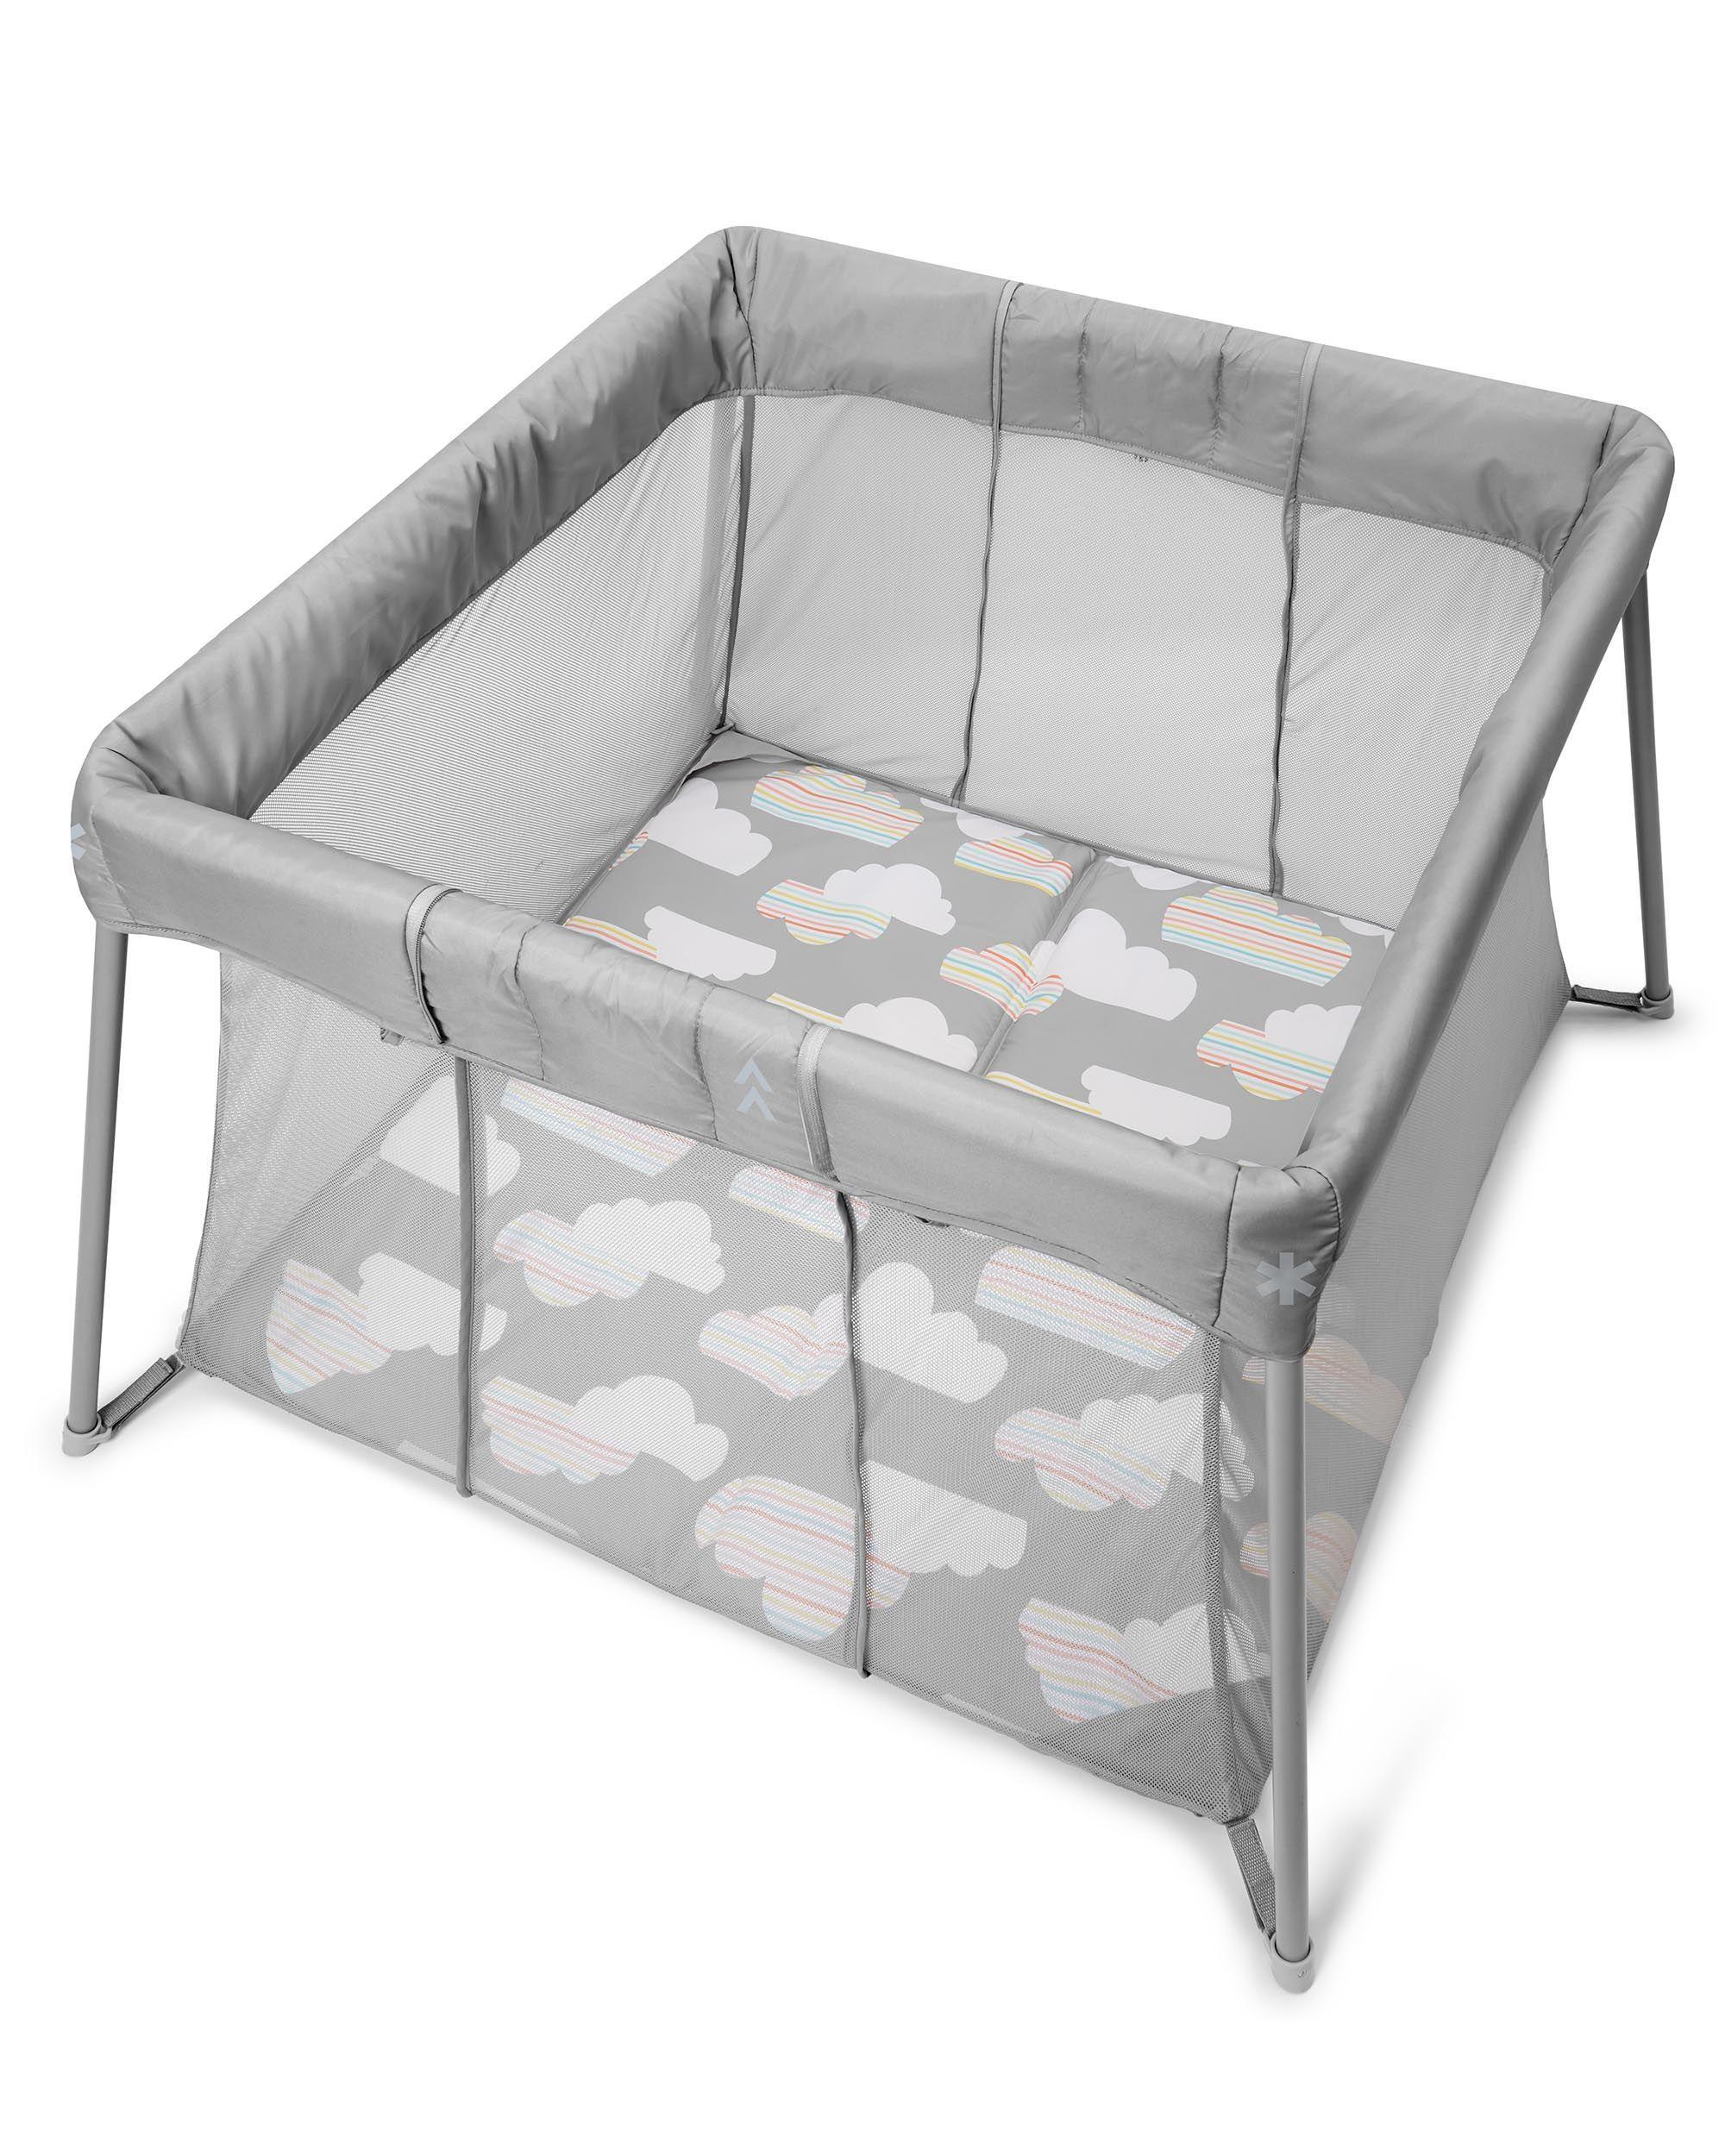 Play To Night™ Expanding Travel Crib Travel crib, Crib